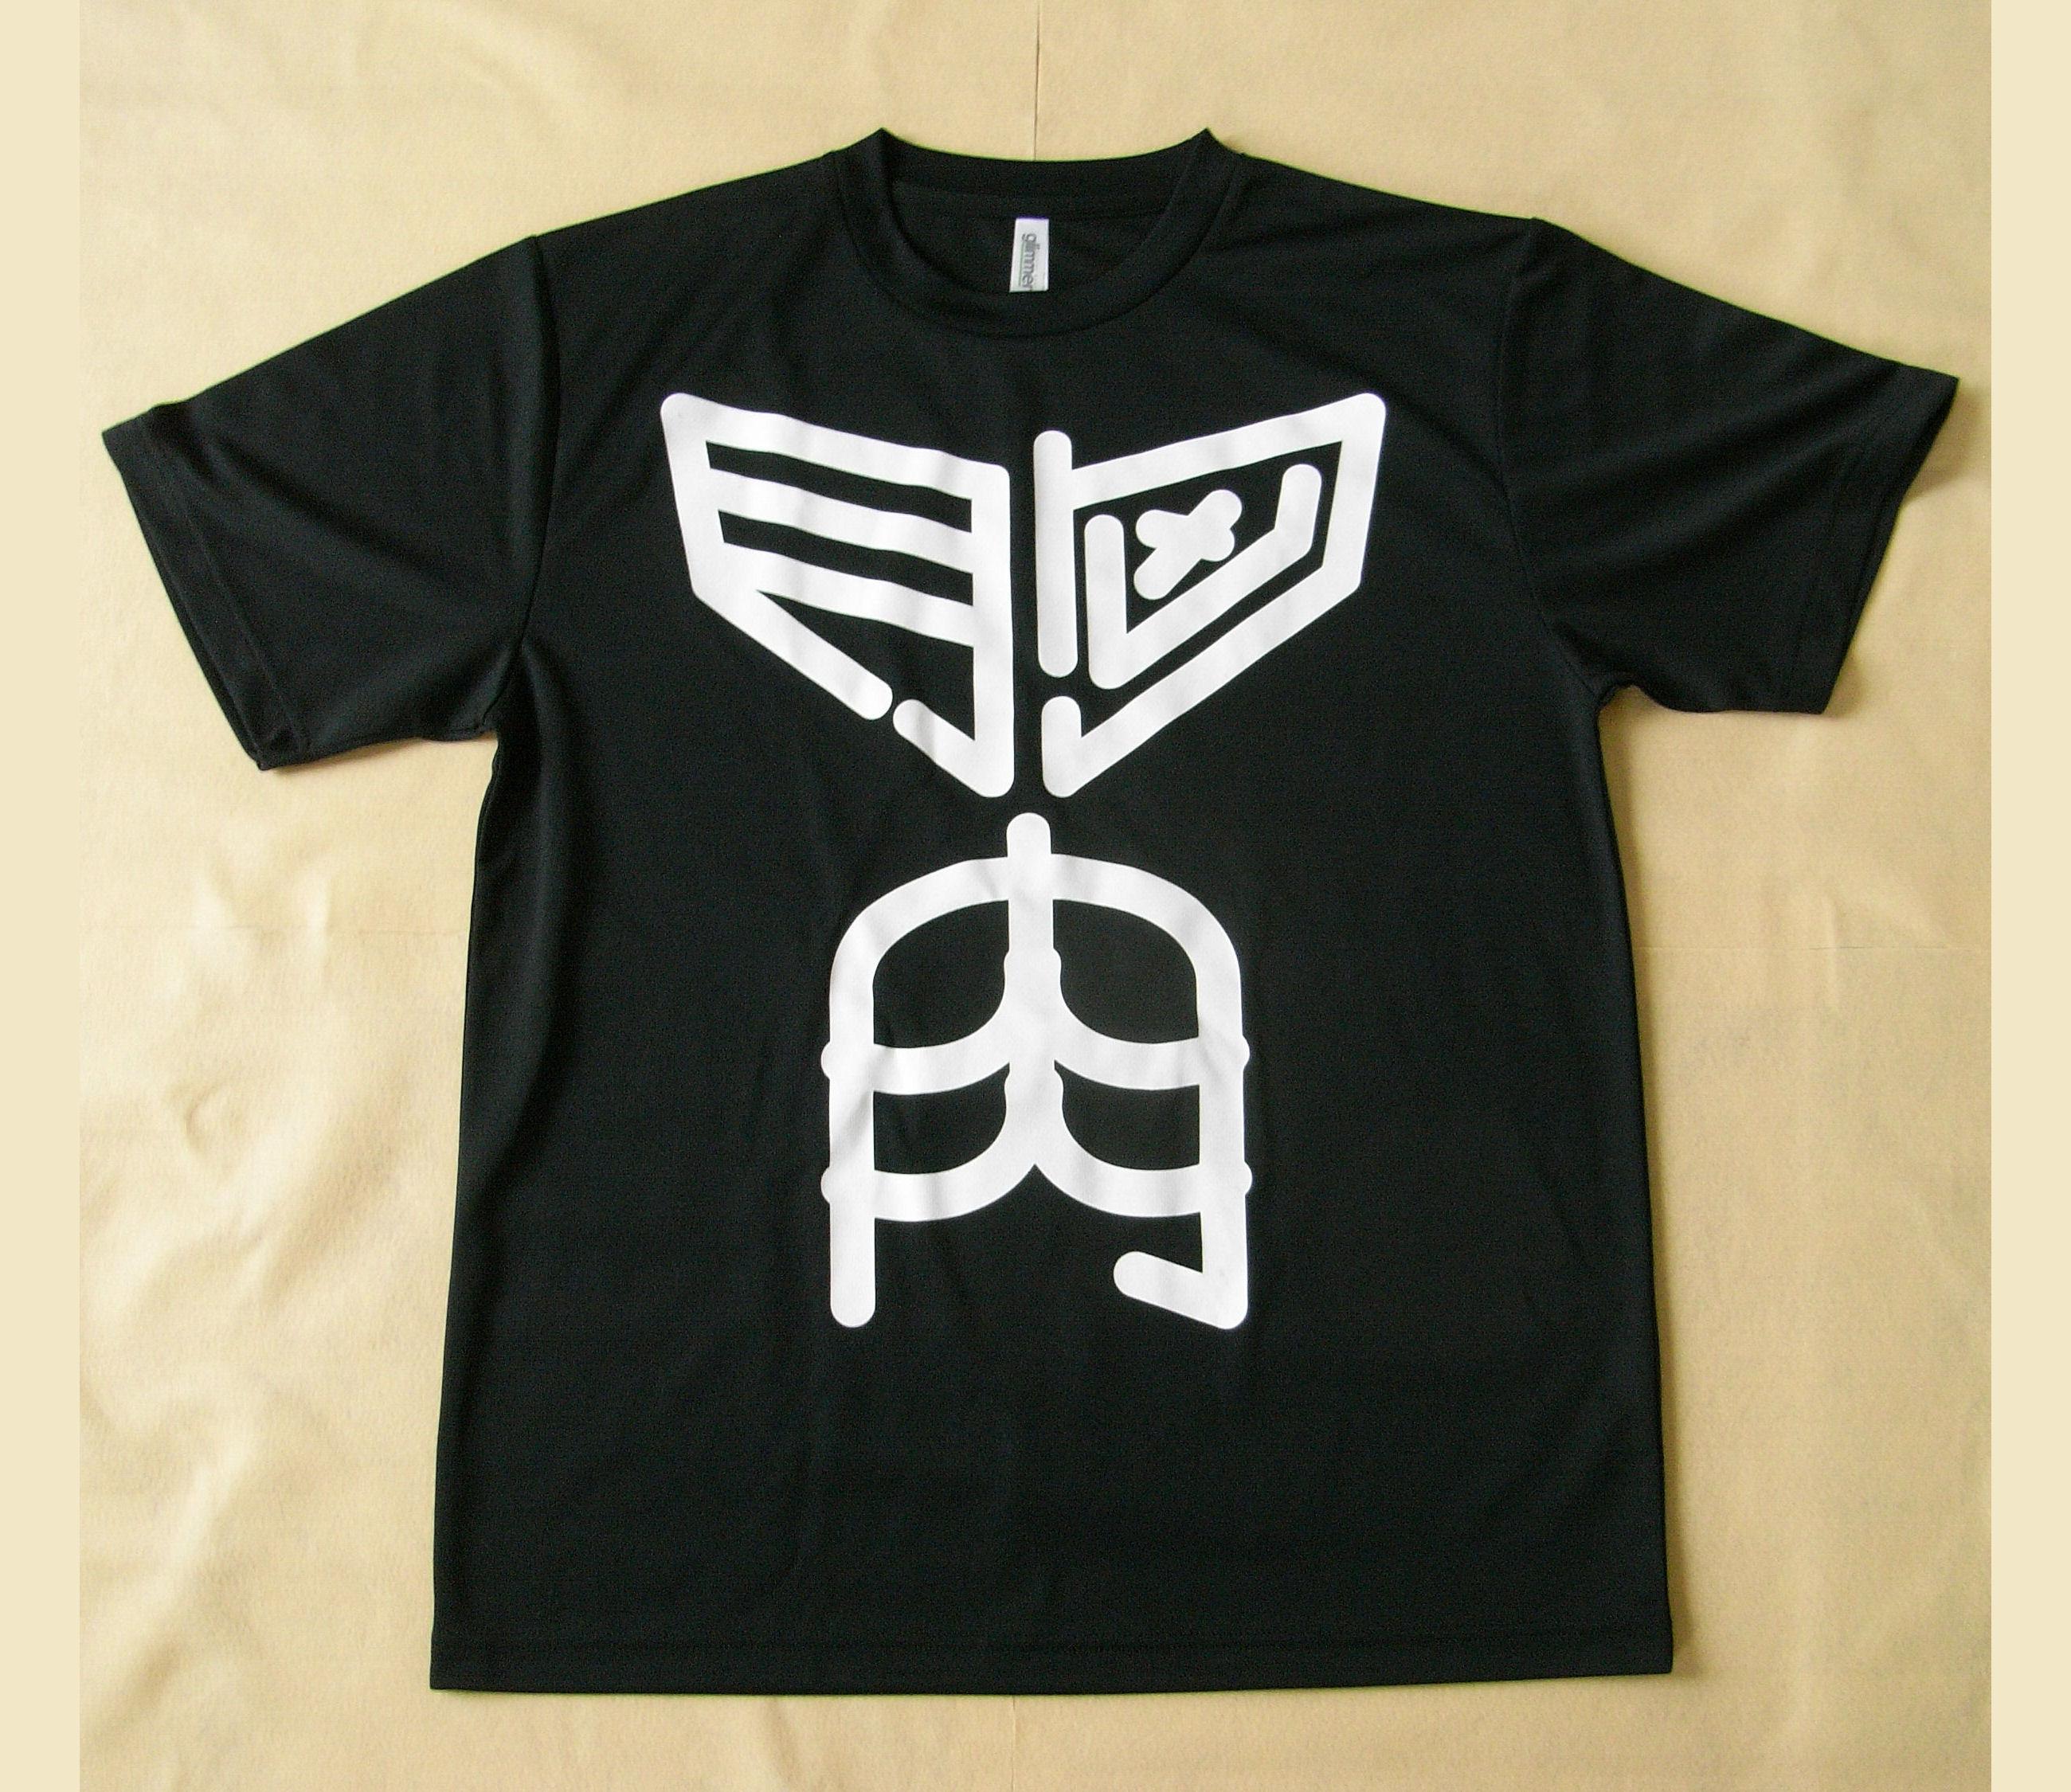 胸肉背骨Tシャツ・ドライメッシュ(色・ブラック、サイズ・L)画像